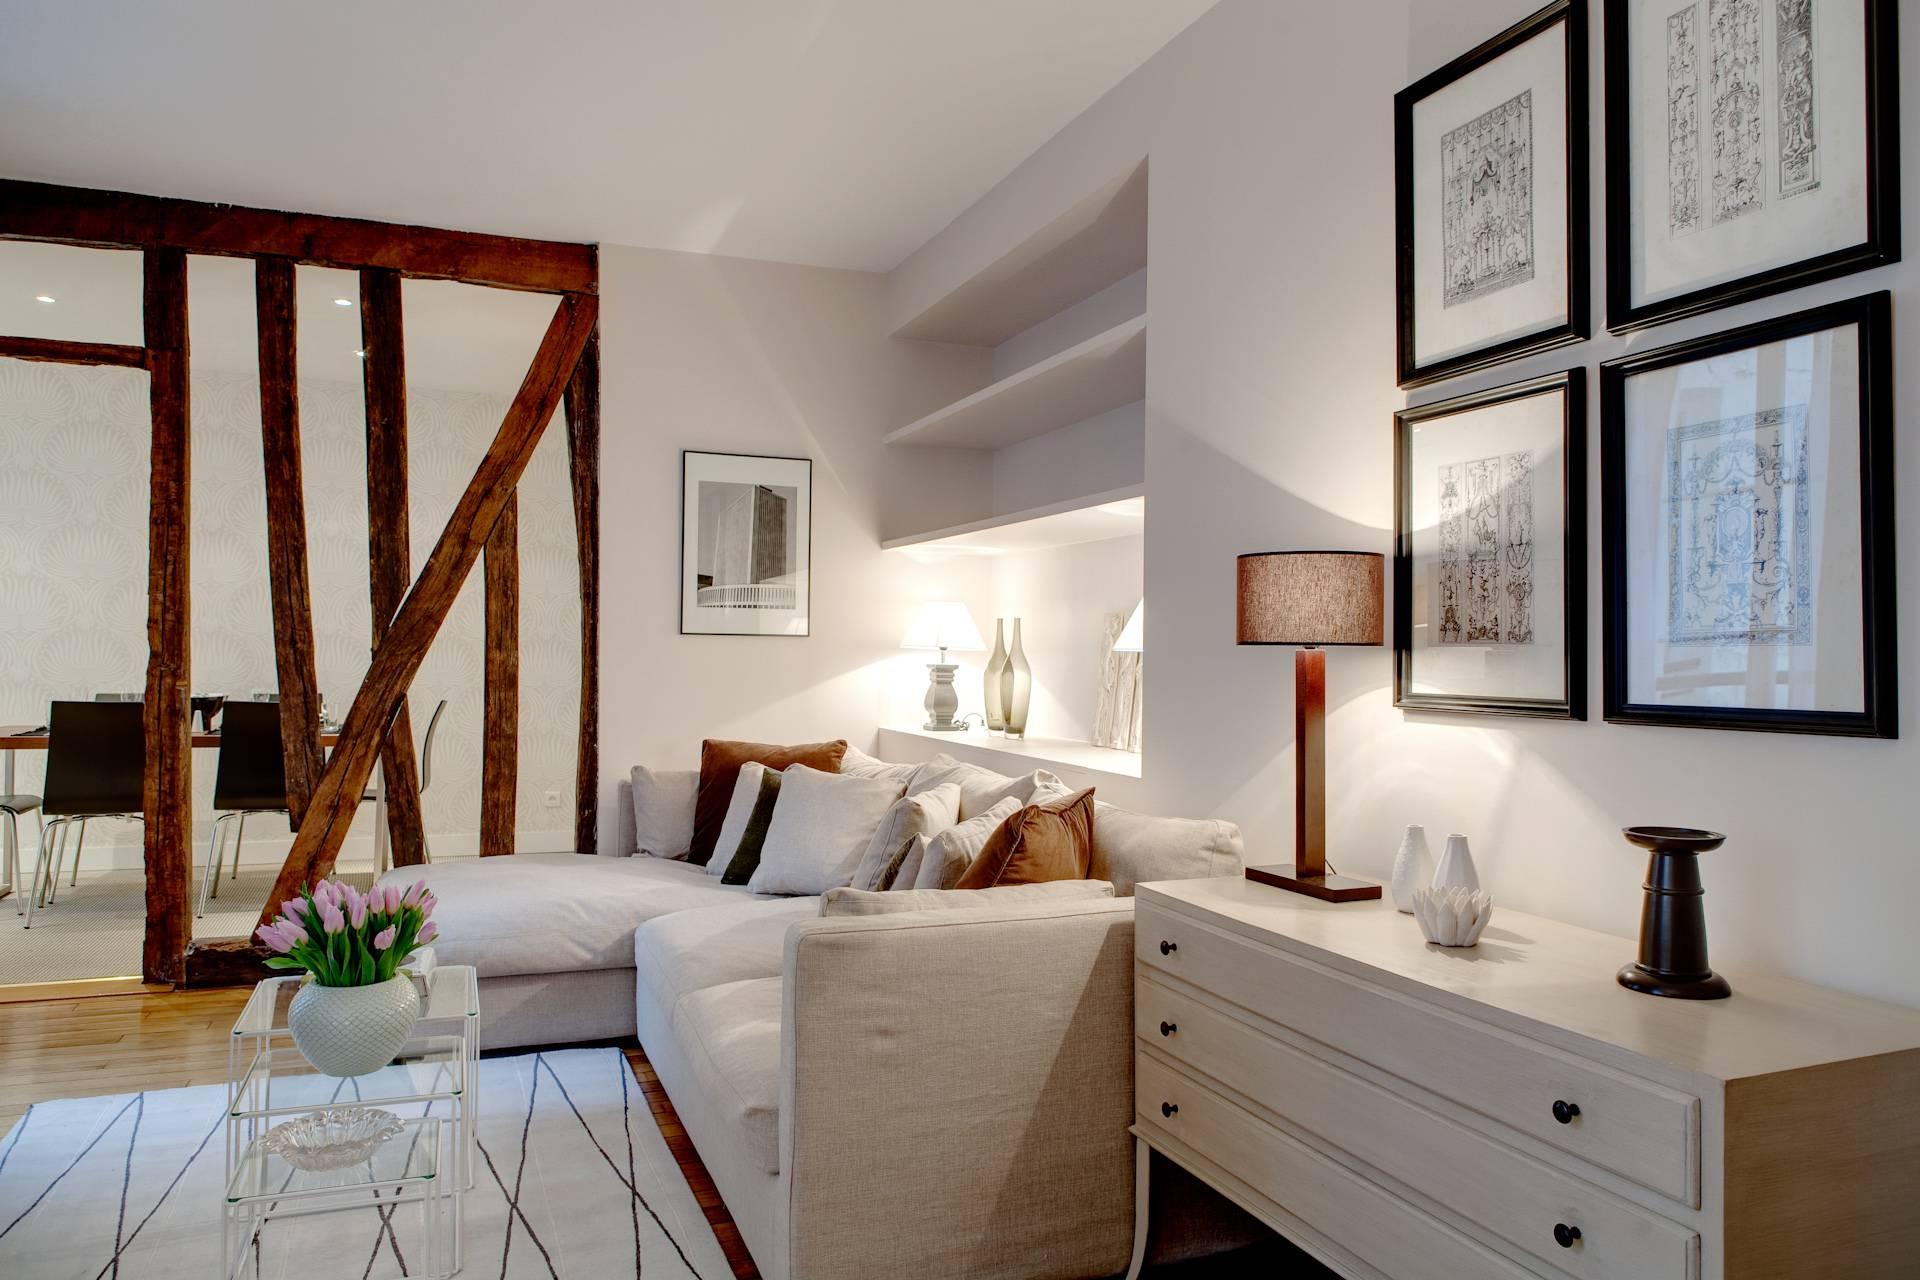 Appartement location courte durée à paris: avec hometown, un ...